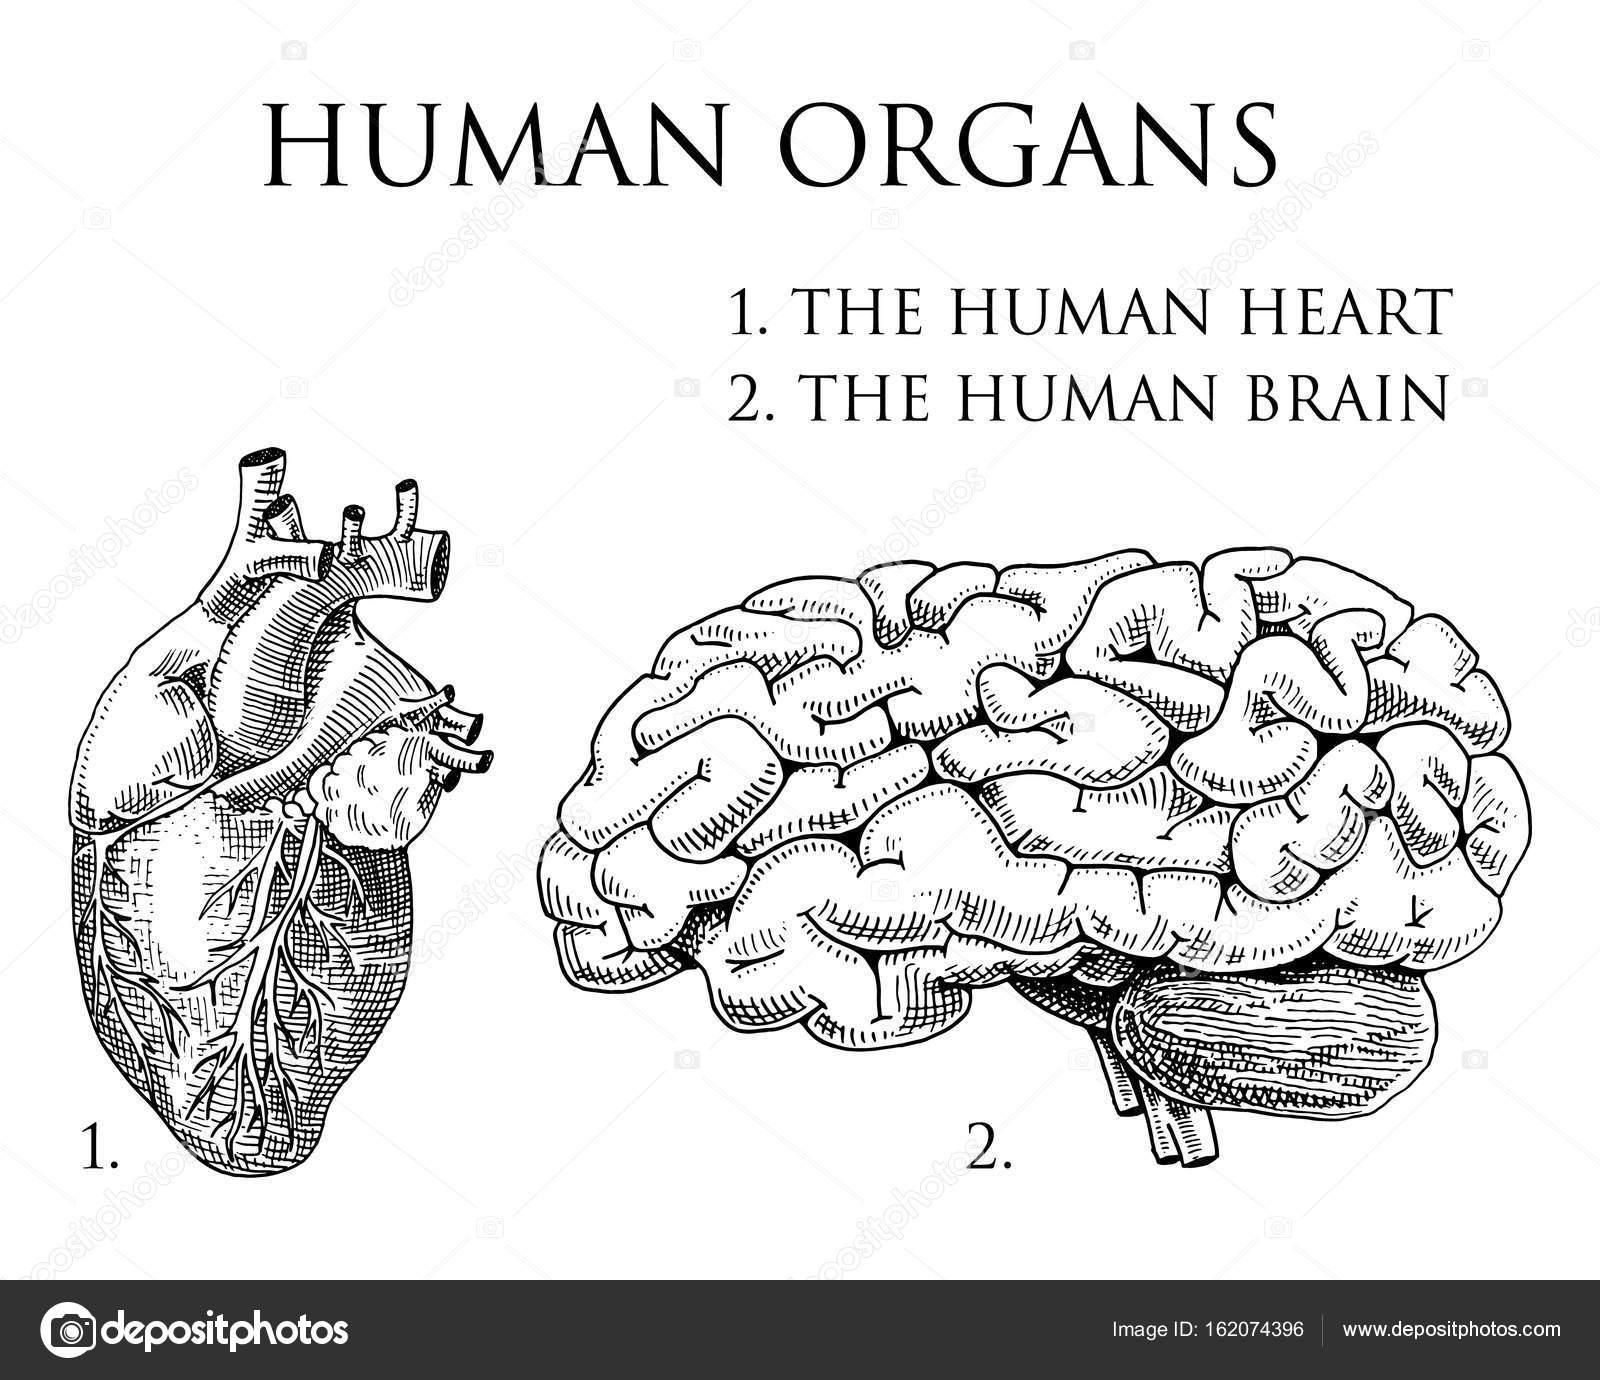 Szervek anatómiai illusztráció Humánbiológiai. vésett kézzel készült régi  vázlat és vintage stílusban. szervezet részletes agy vagy a pericranium és  a szív ... 6363b86db7